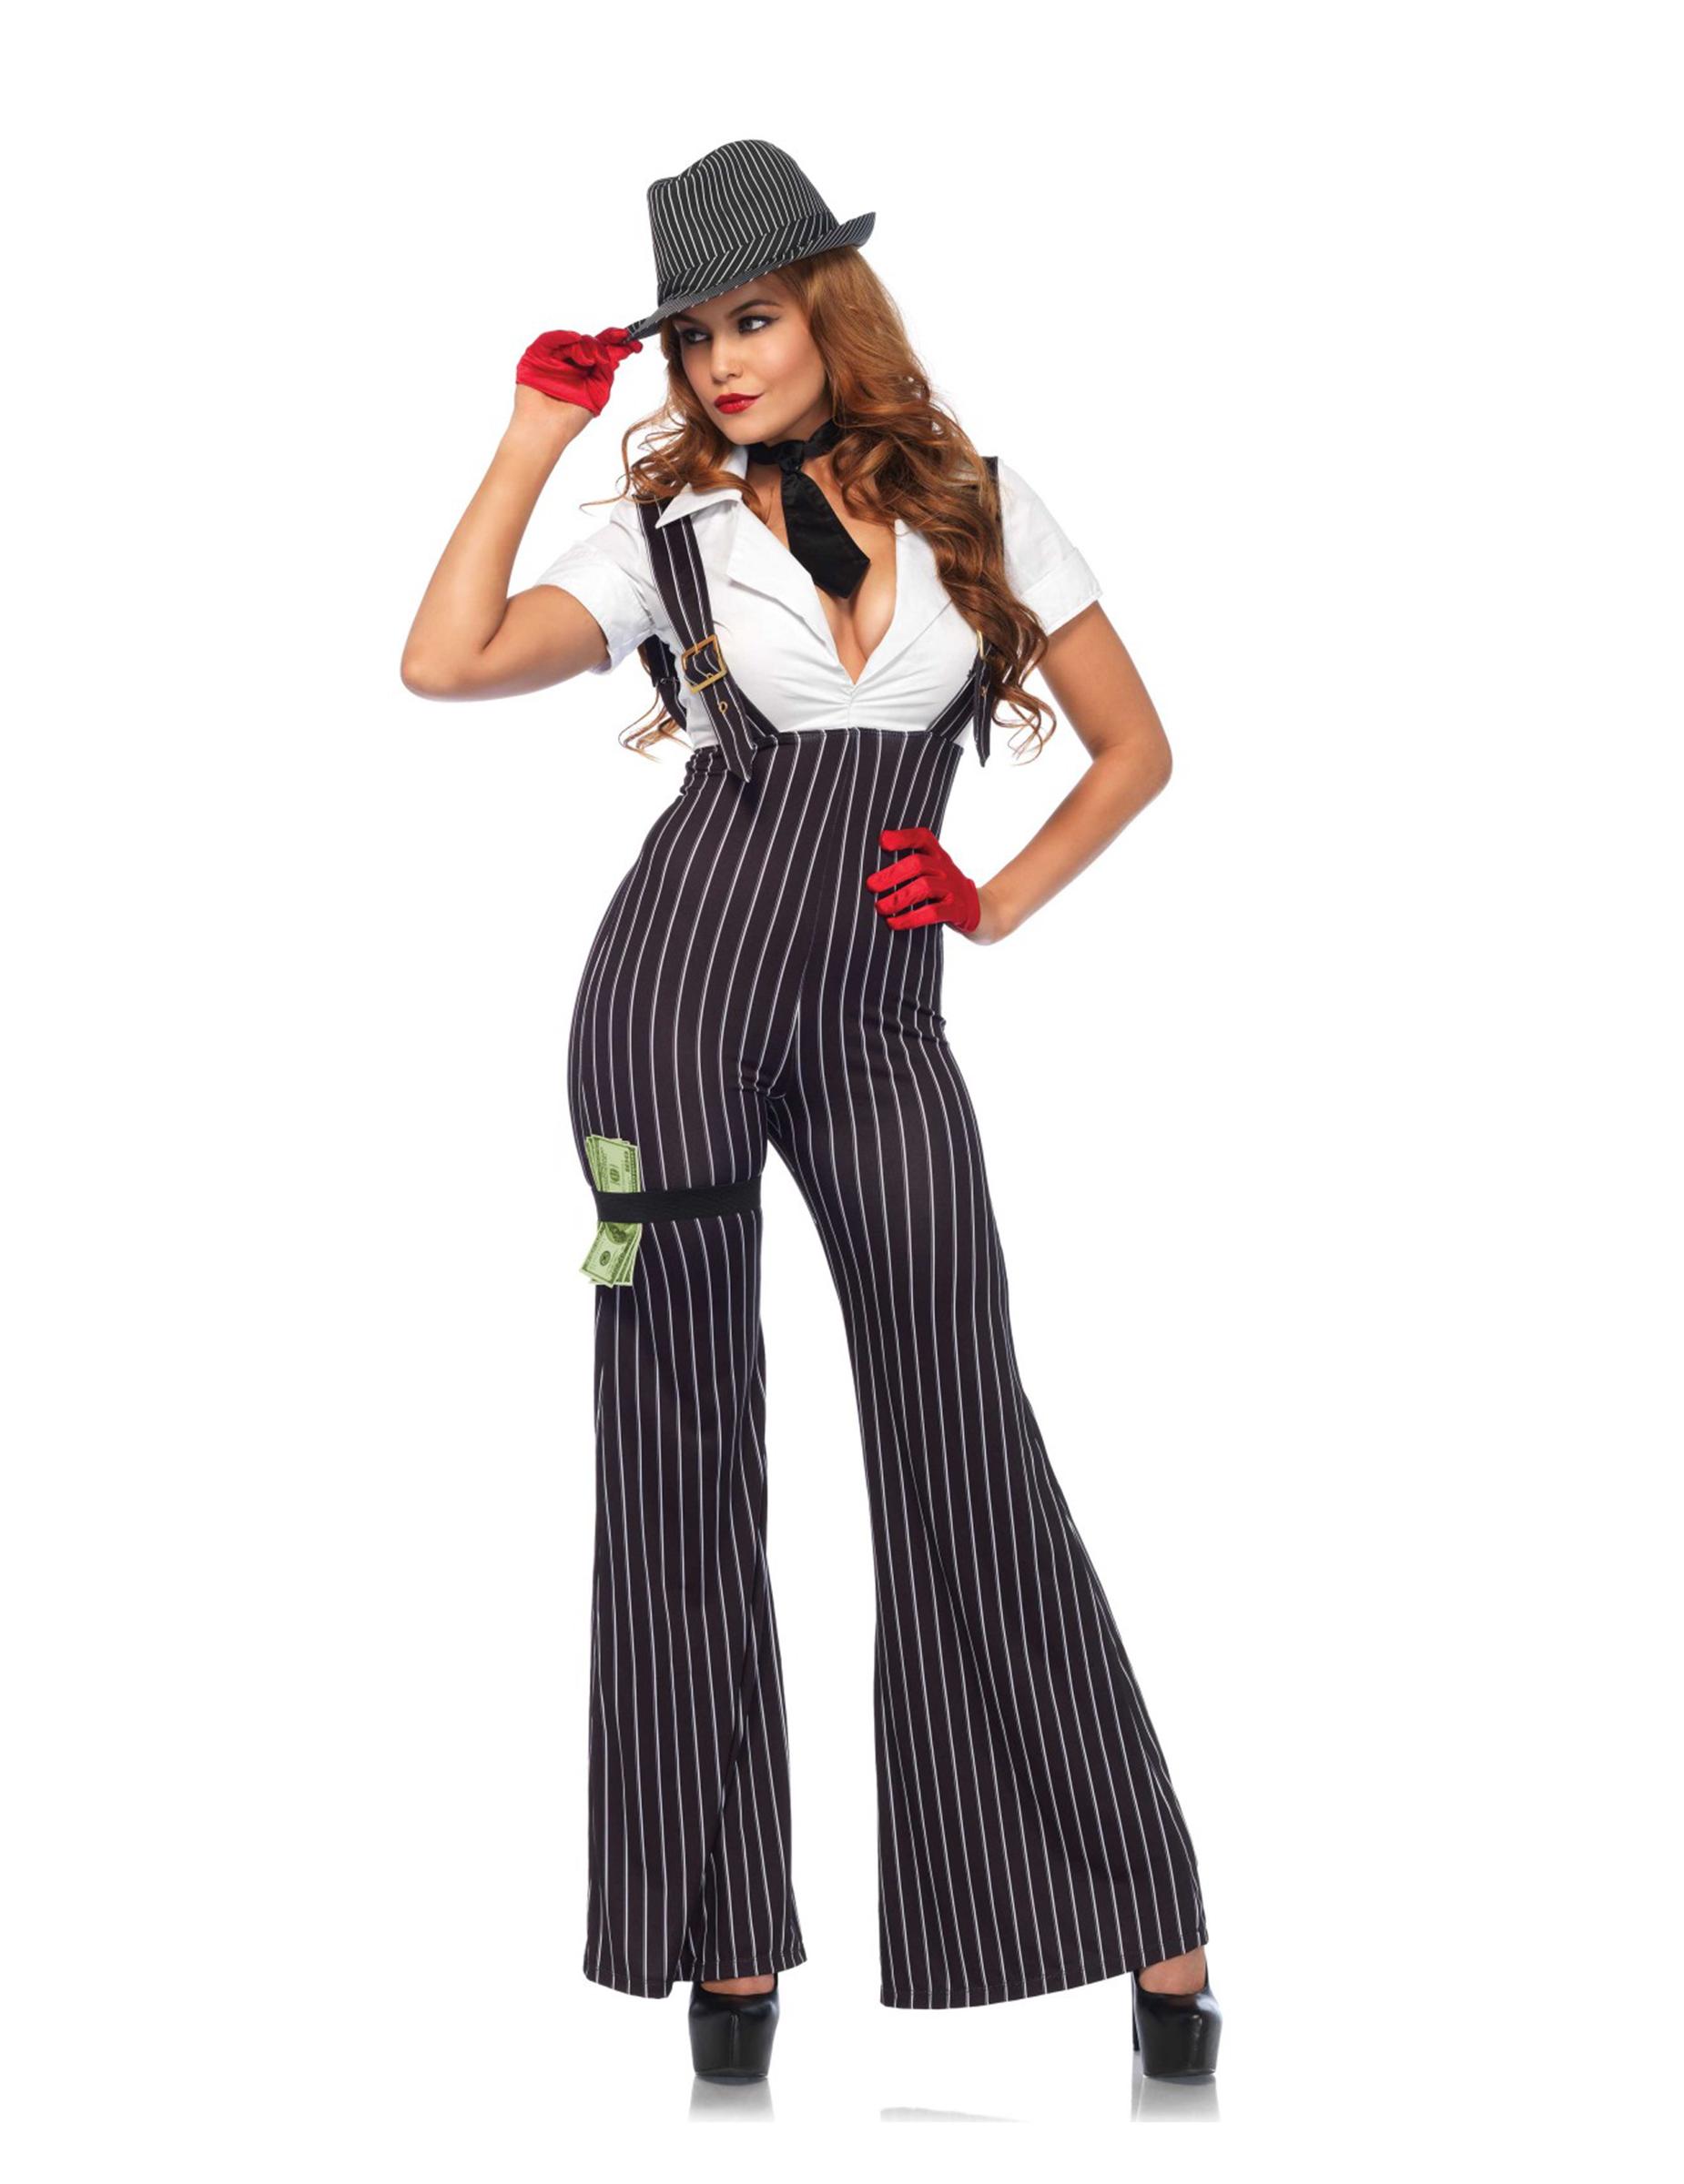 Vestiti Anni 50 Donne Grease b6b97b5b985